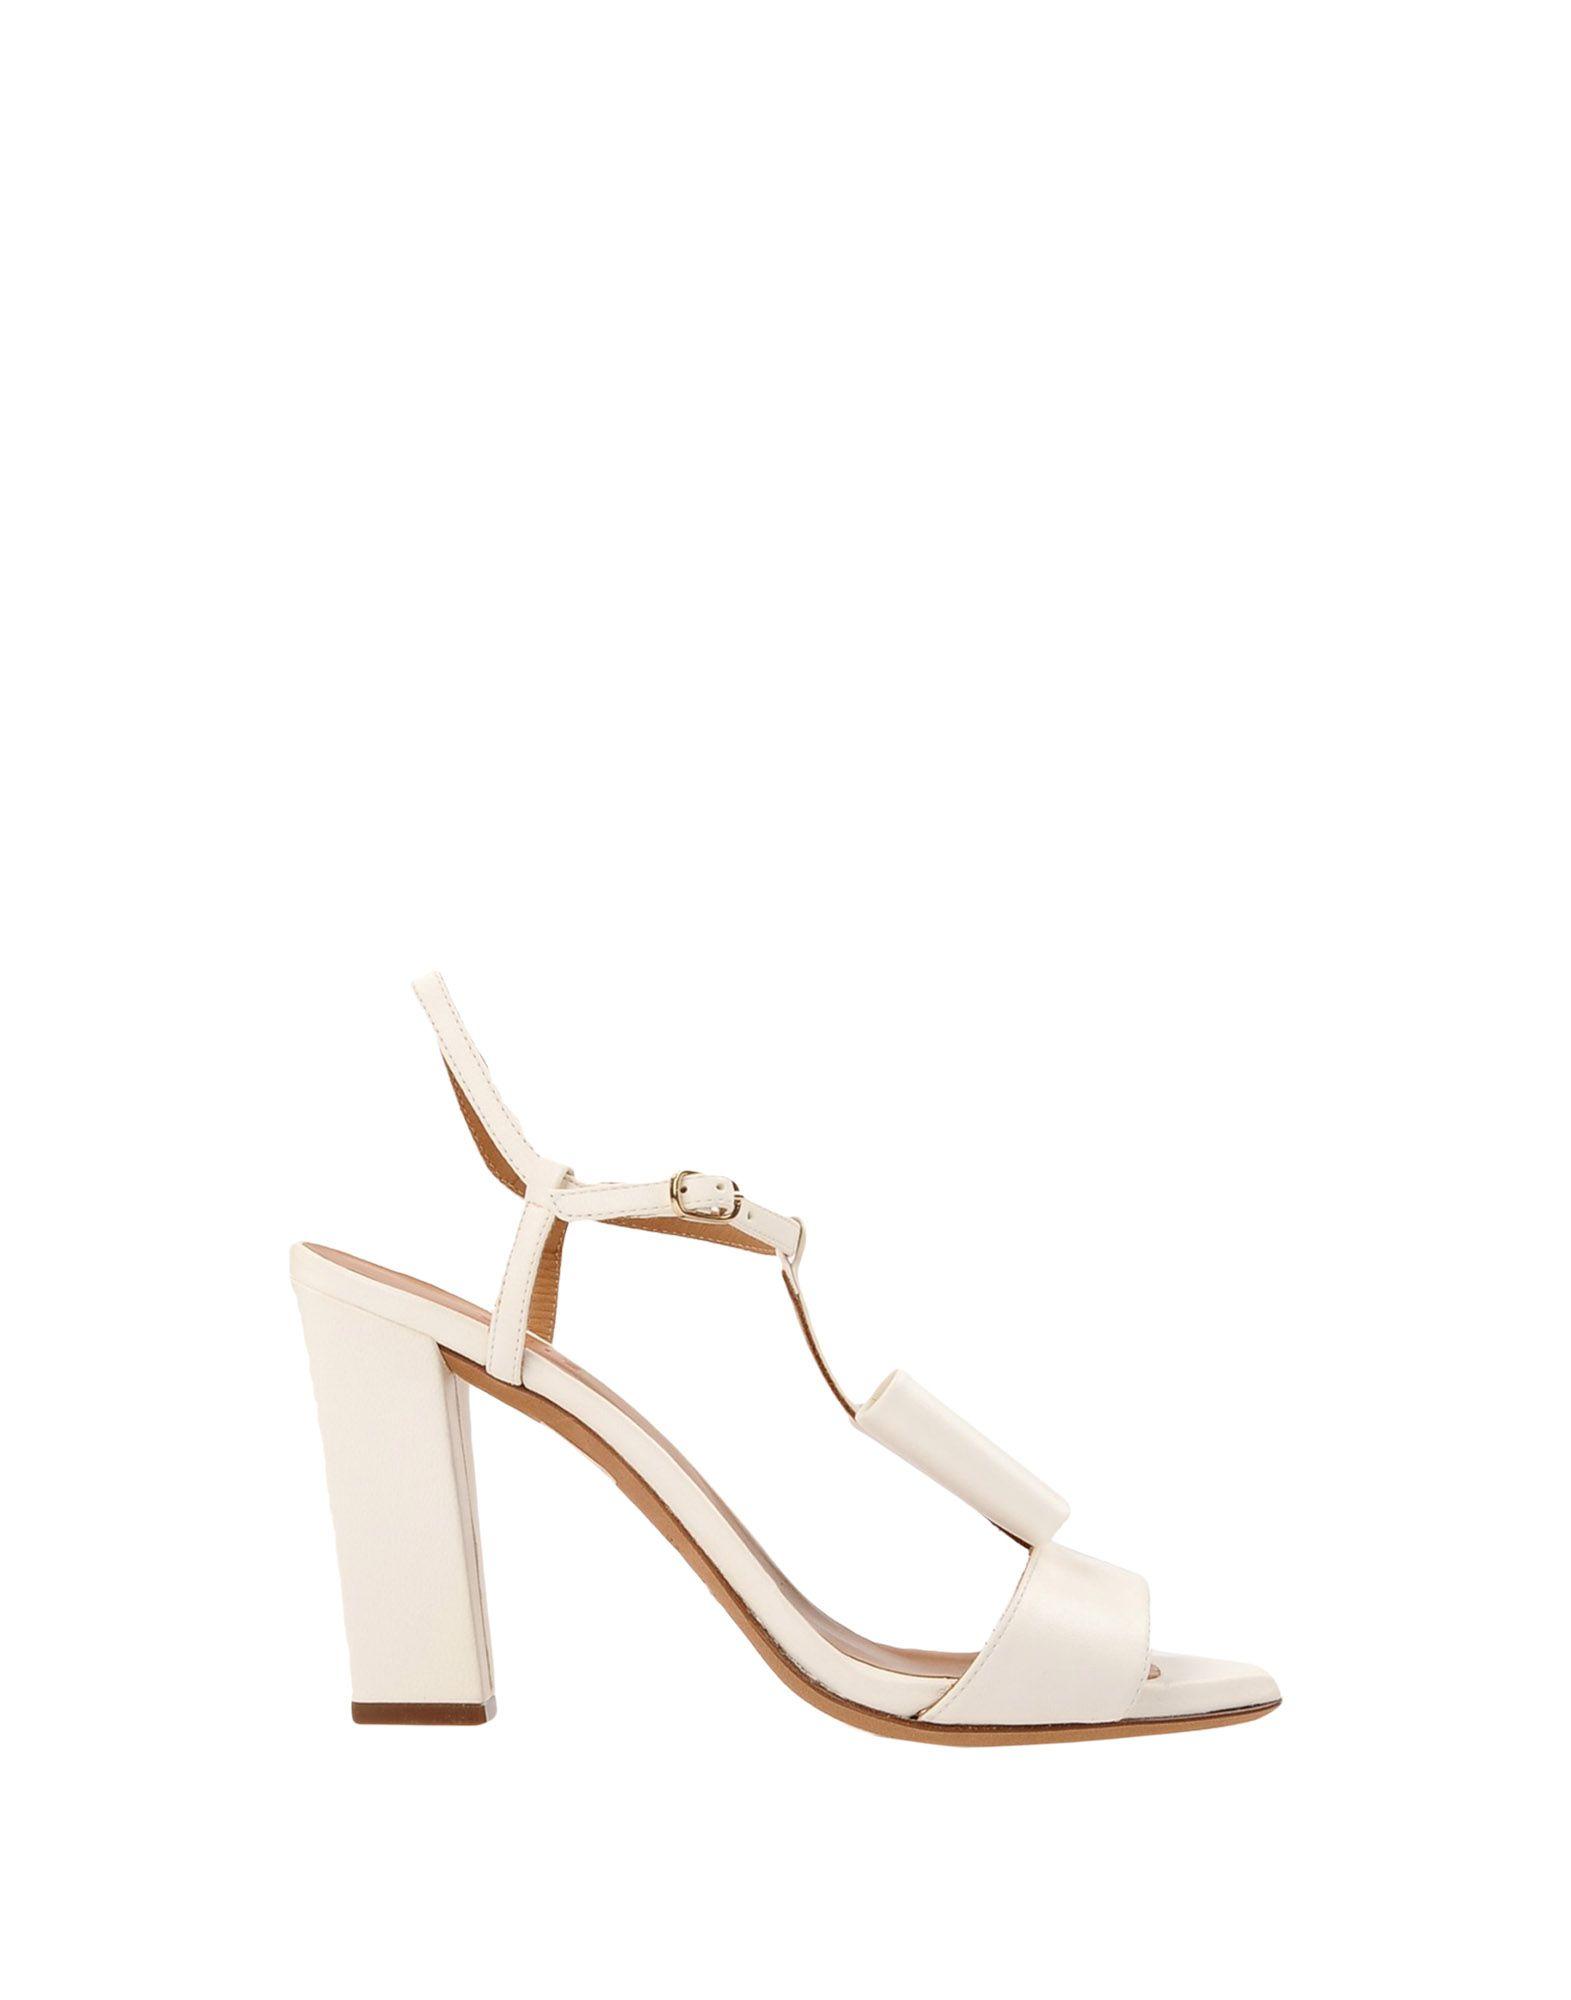 Sandales Chie By Chie Mihara Bri-Elle - Femme - Sandales Chie By Chie Mihara sur